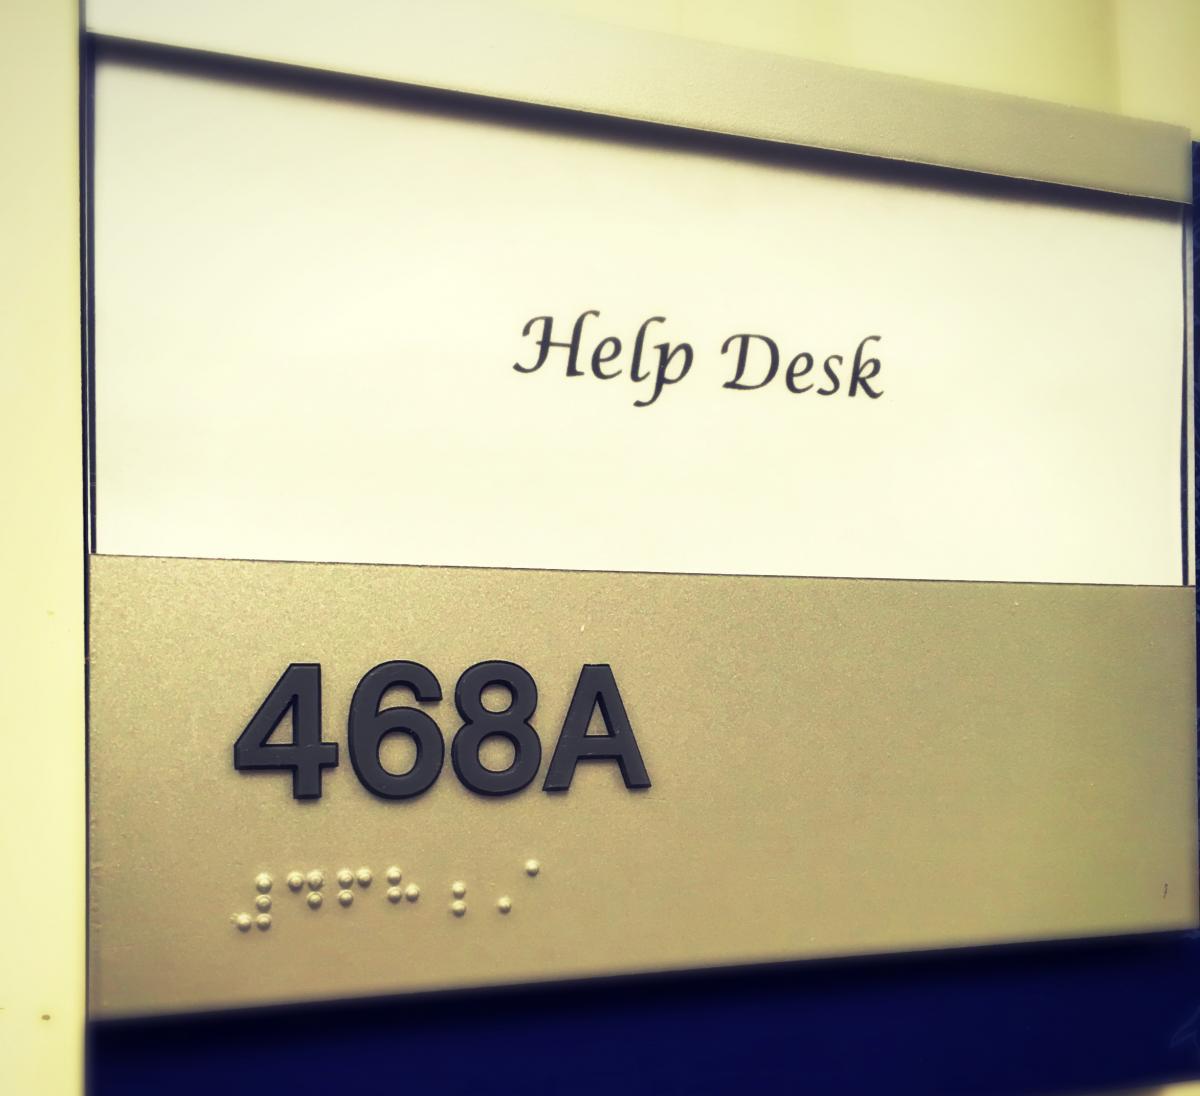 Help Desk 468A